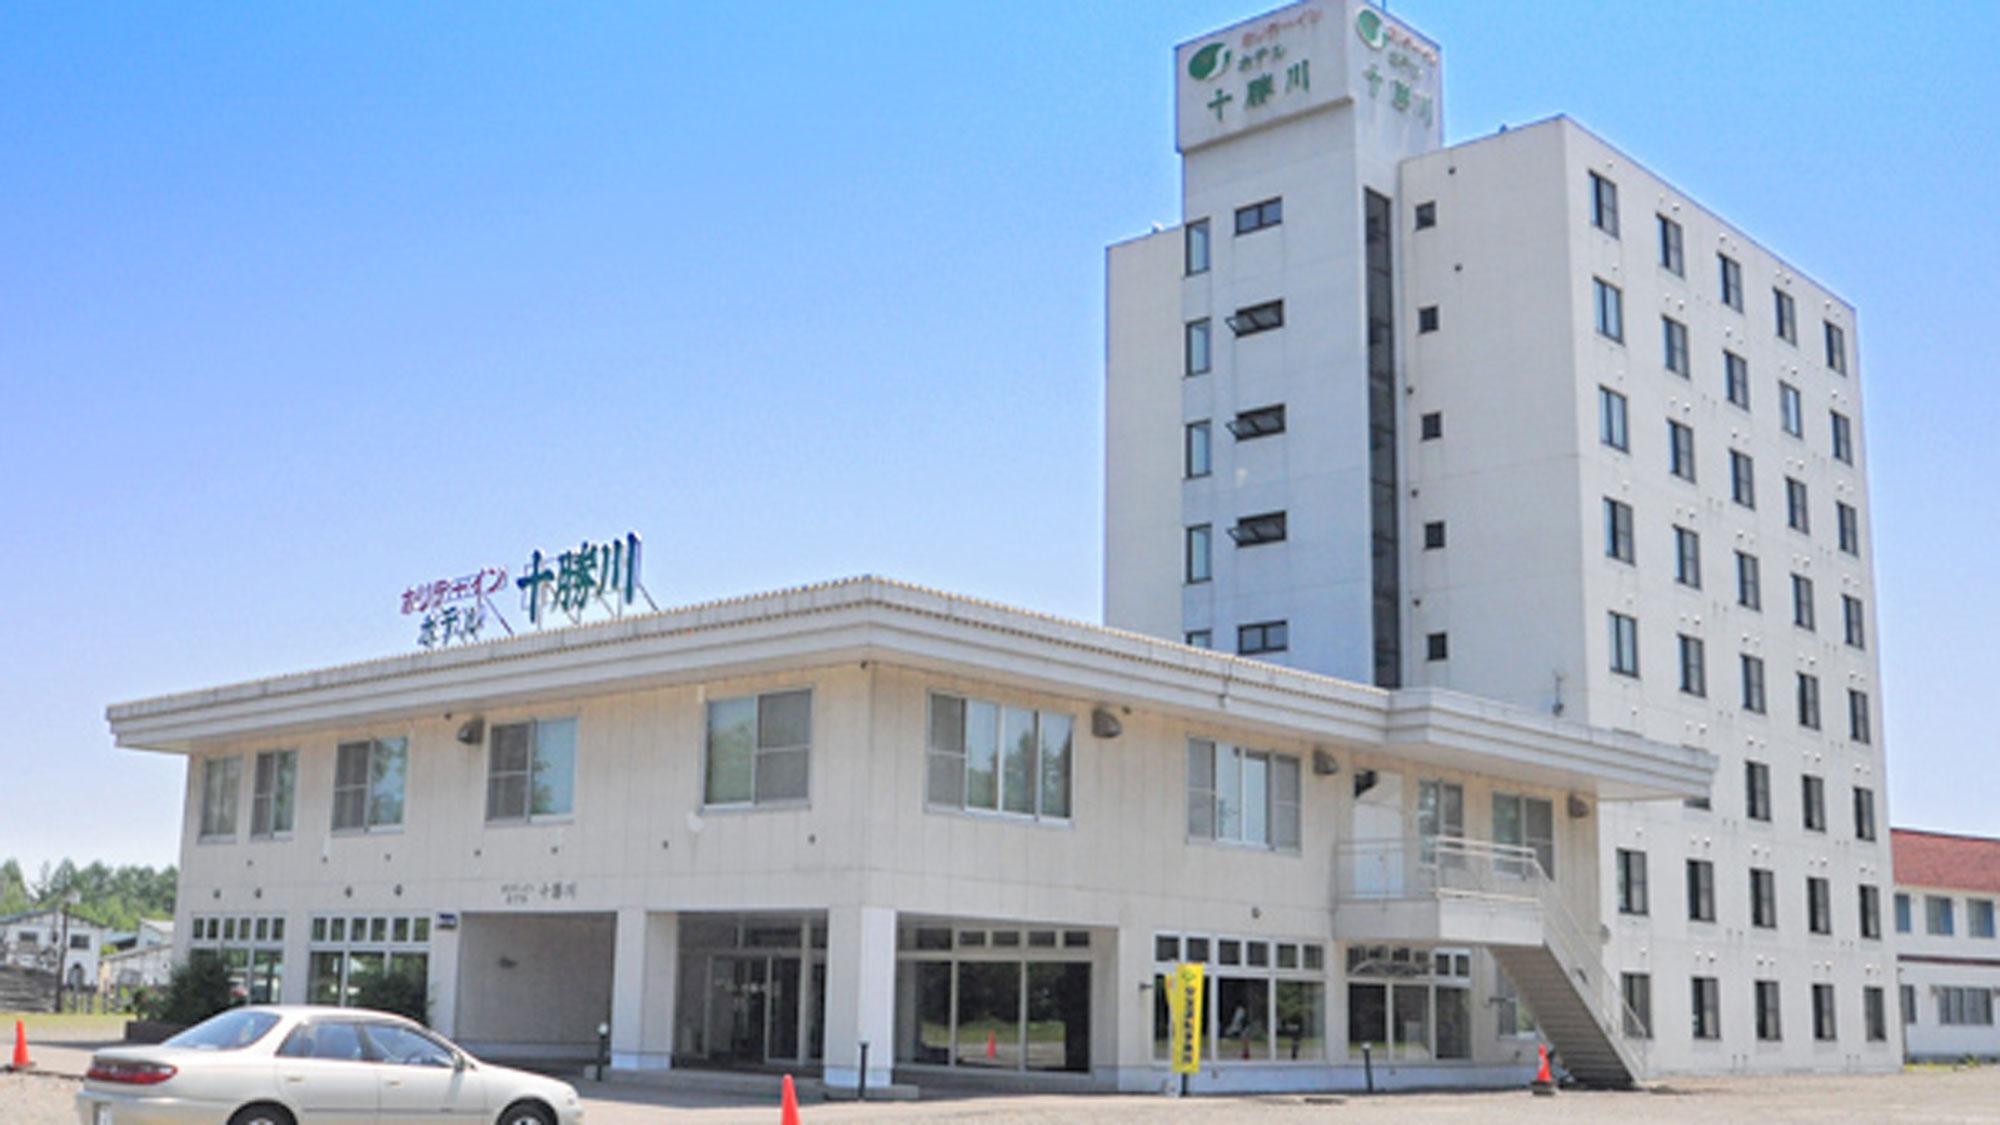 十勝川温泉 ホリデーイン ホテル十勝川